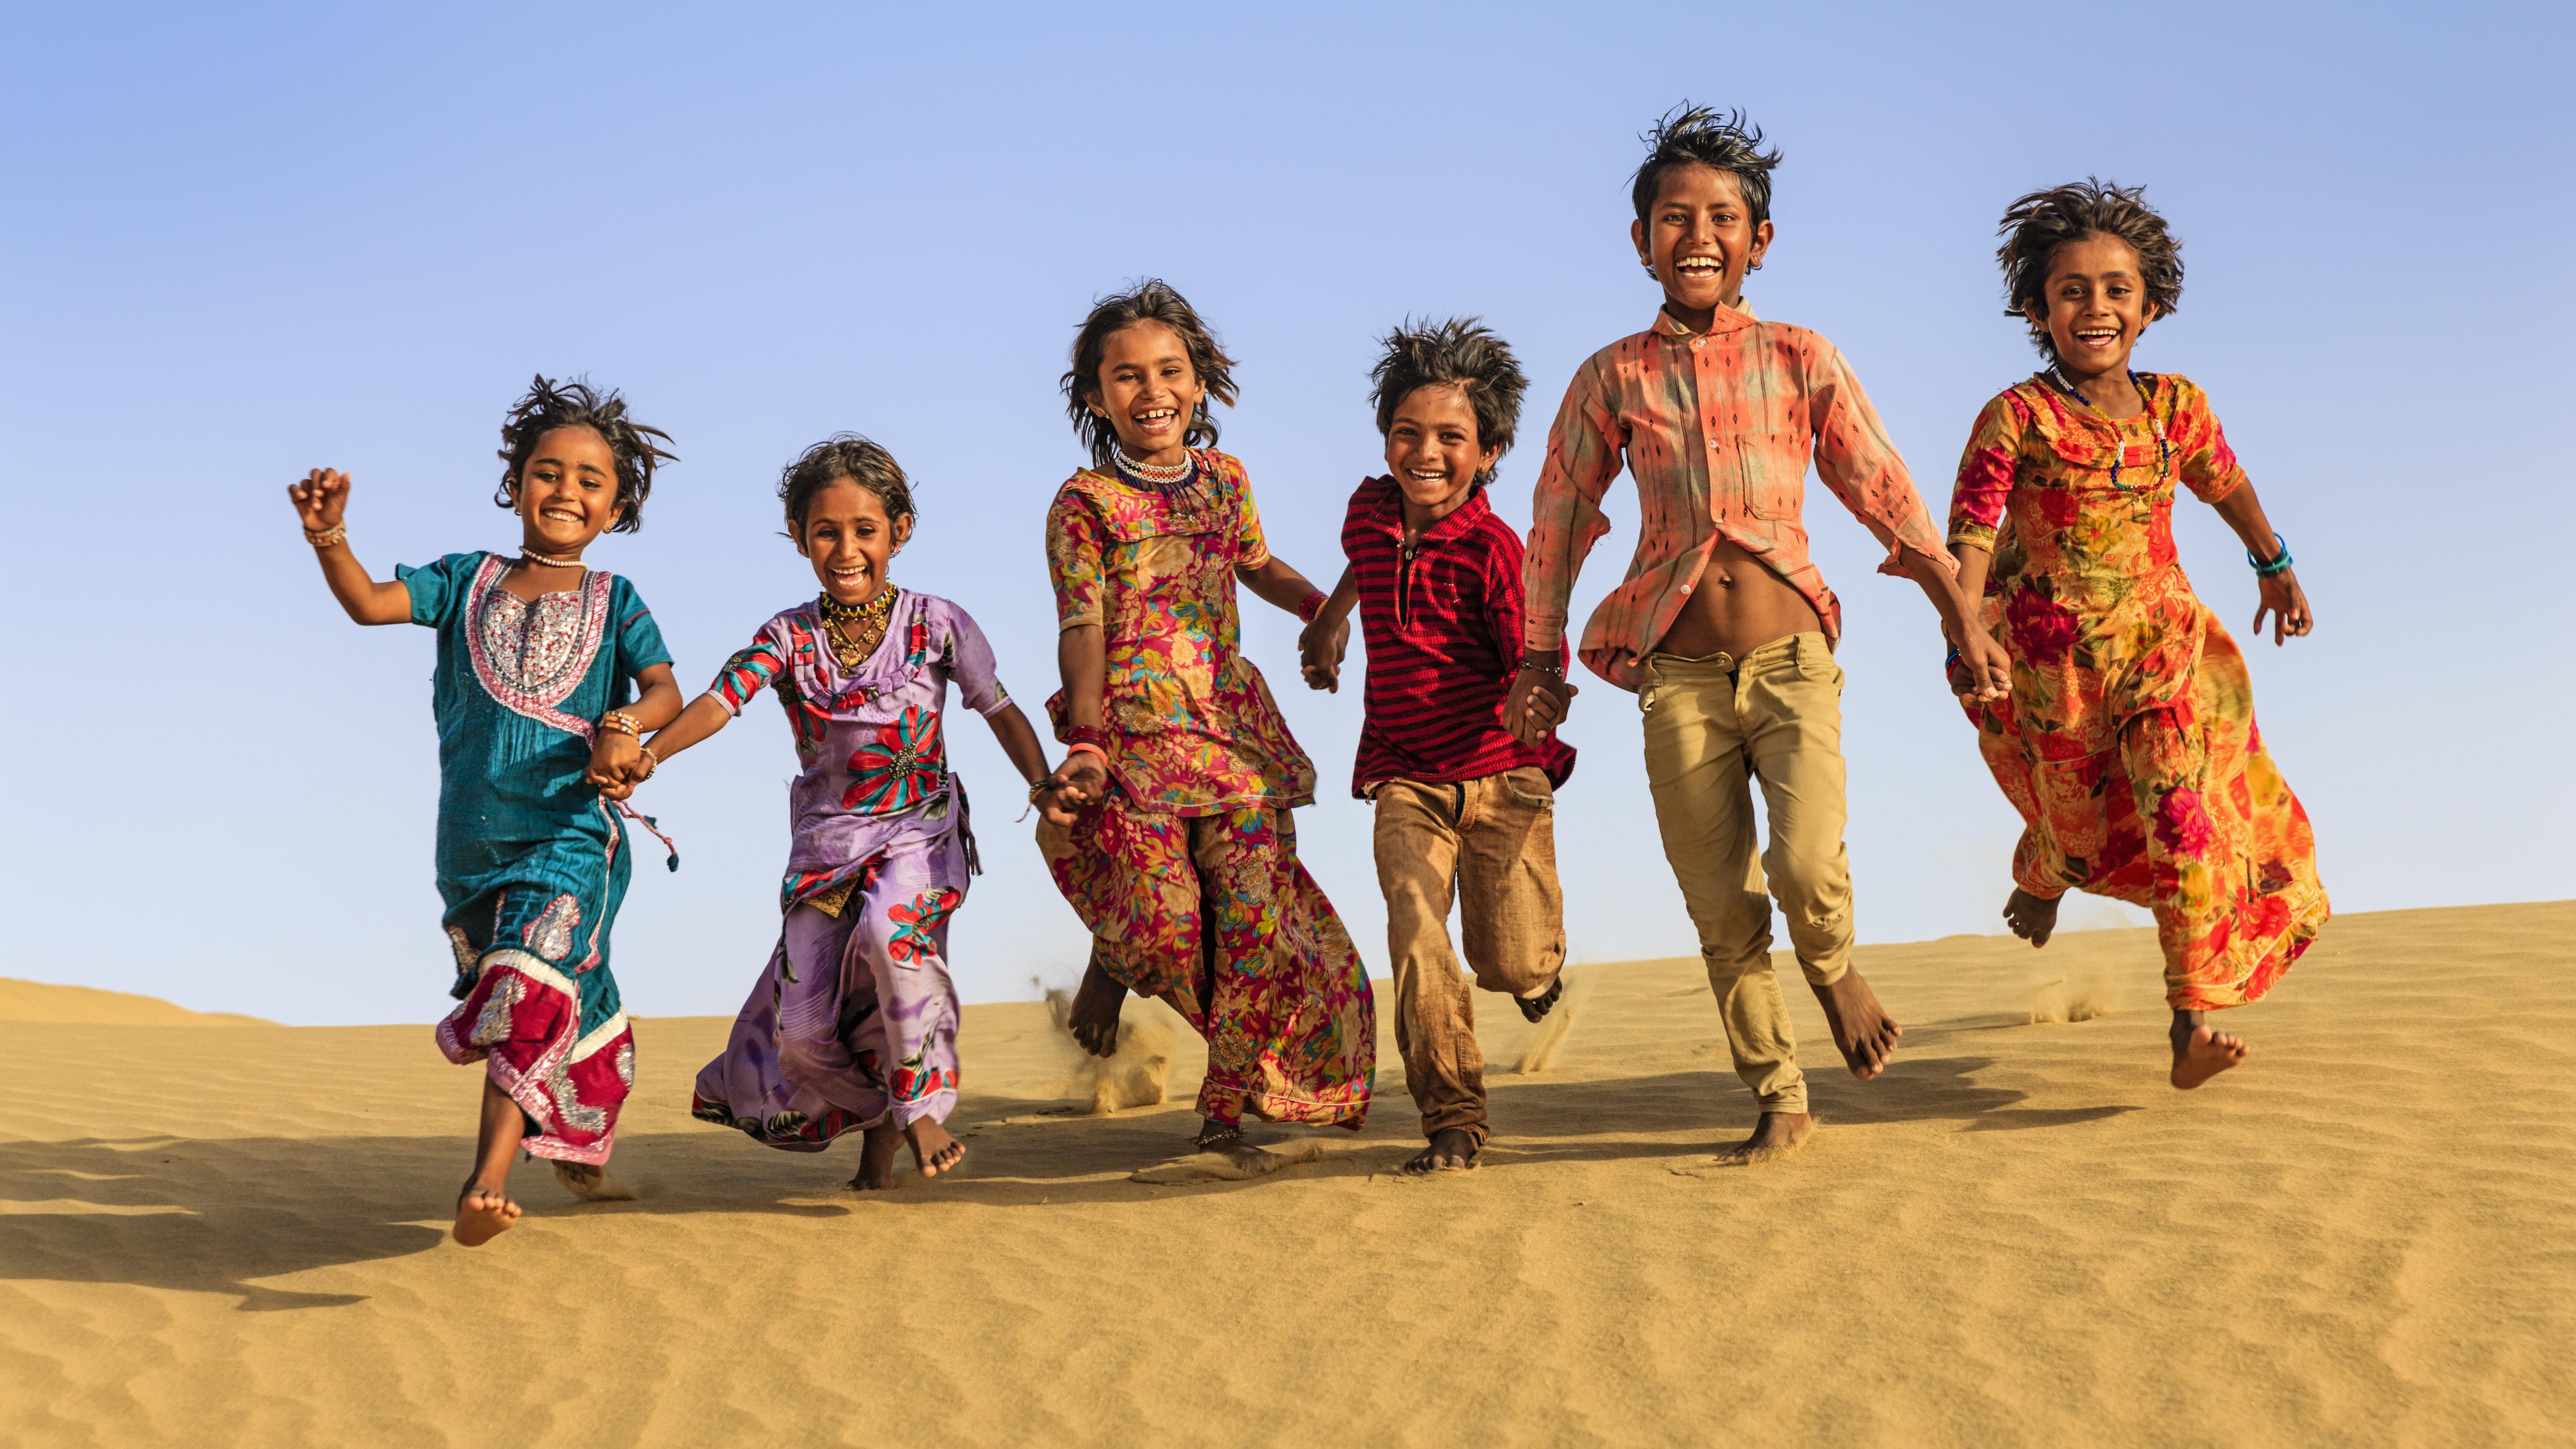 «Μάθημα ευτυχίας» διδάσκονται πλέον τα παιδιά στα δημόσια δημοτικά σχολεία της